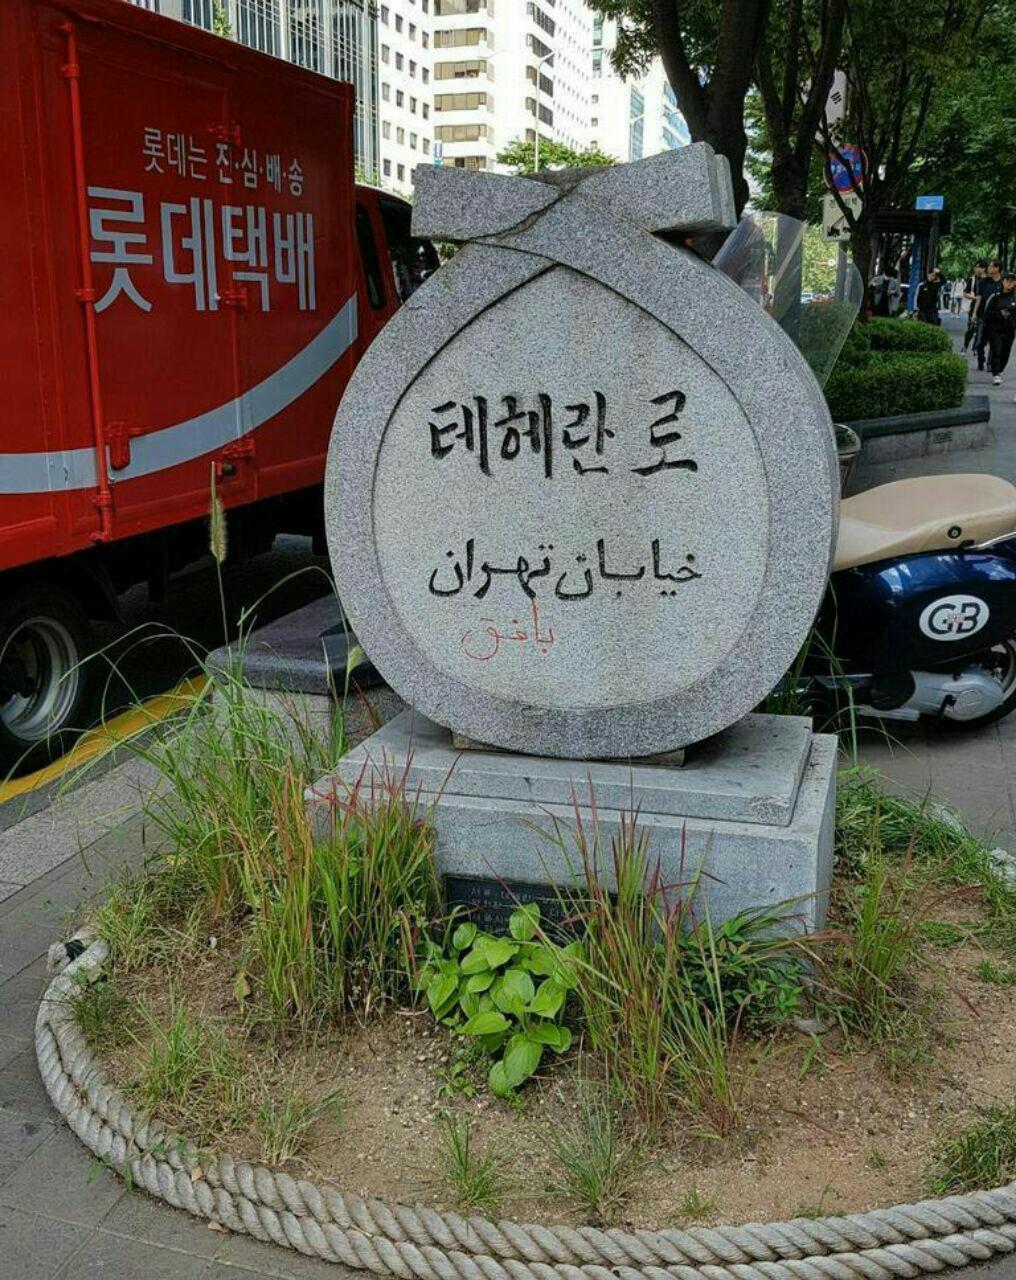 تو کره به رسم احترام بین ملت ها، اسم ی خیابونو گذاشتن تهران و روی یه سنگ حکاکی کردن.